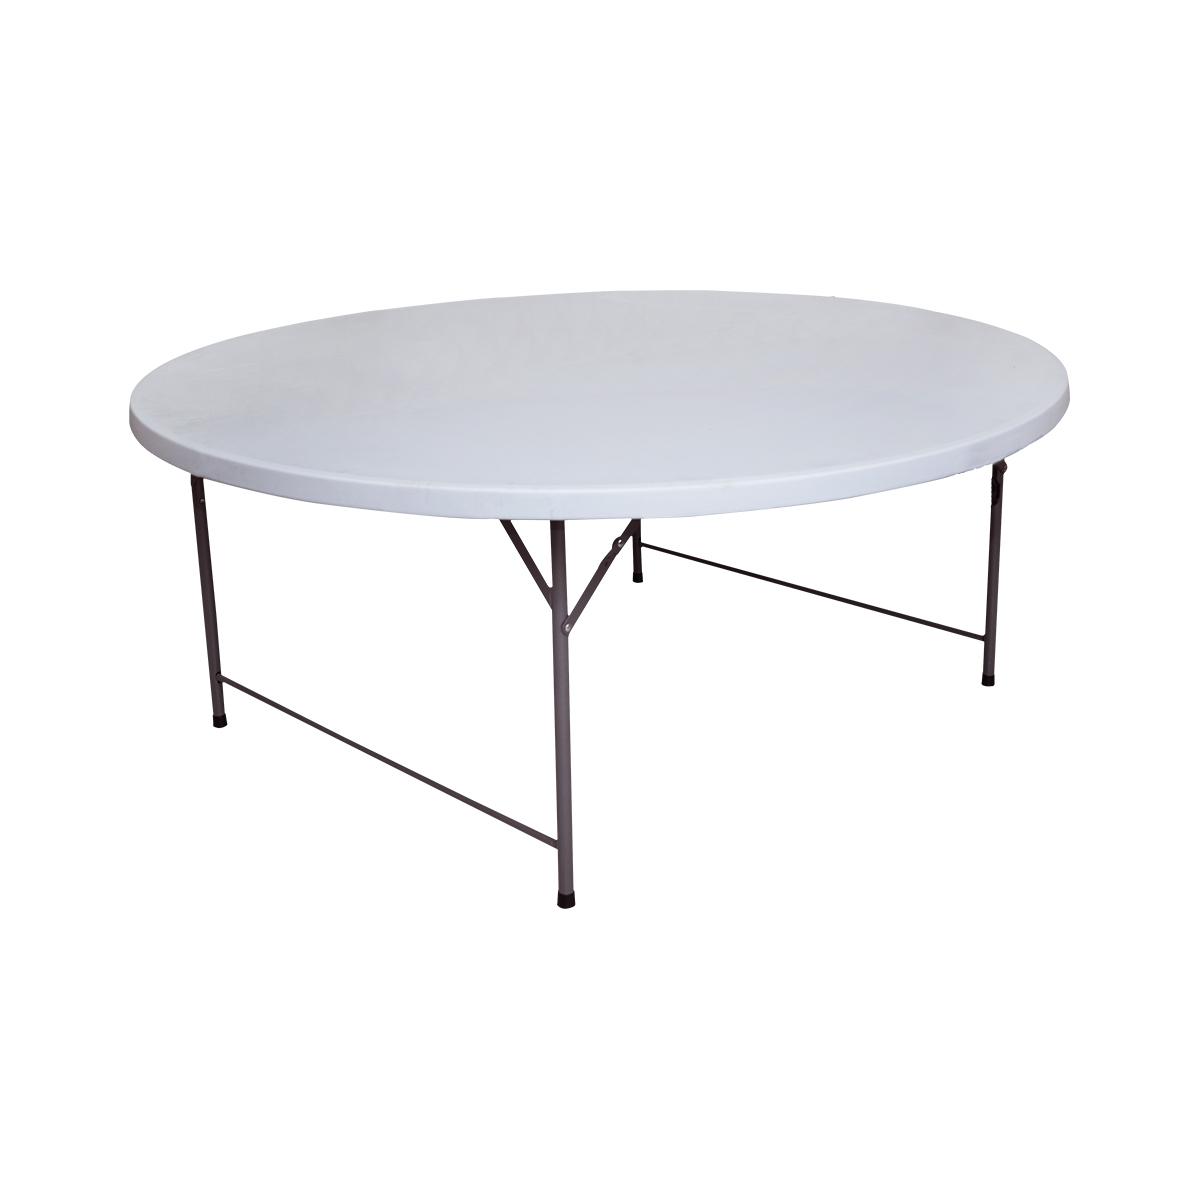 طاولة بلاستيك فايبر دائرية , لون ابيض , رقم MY-36001